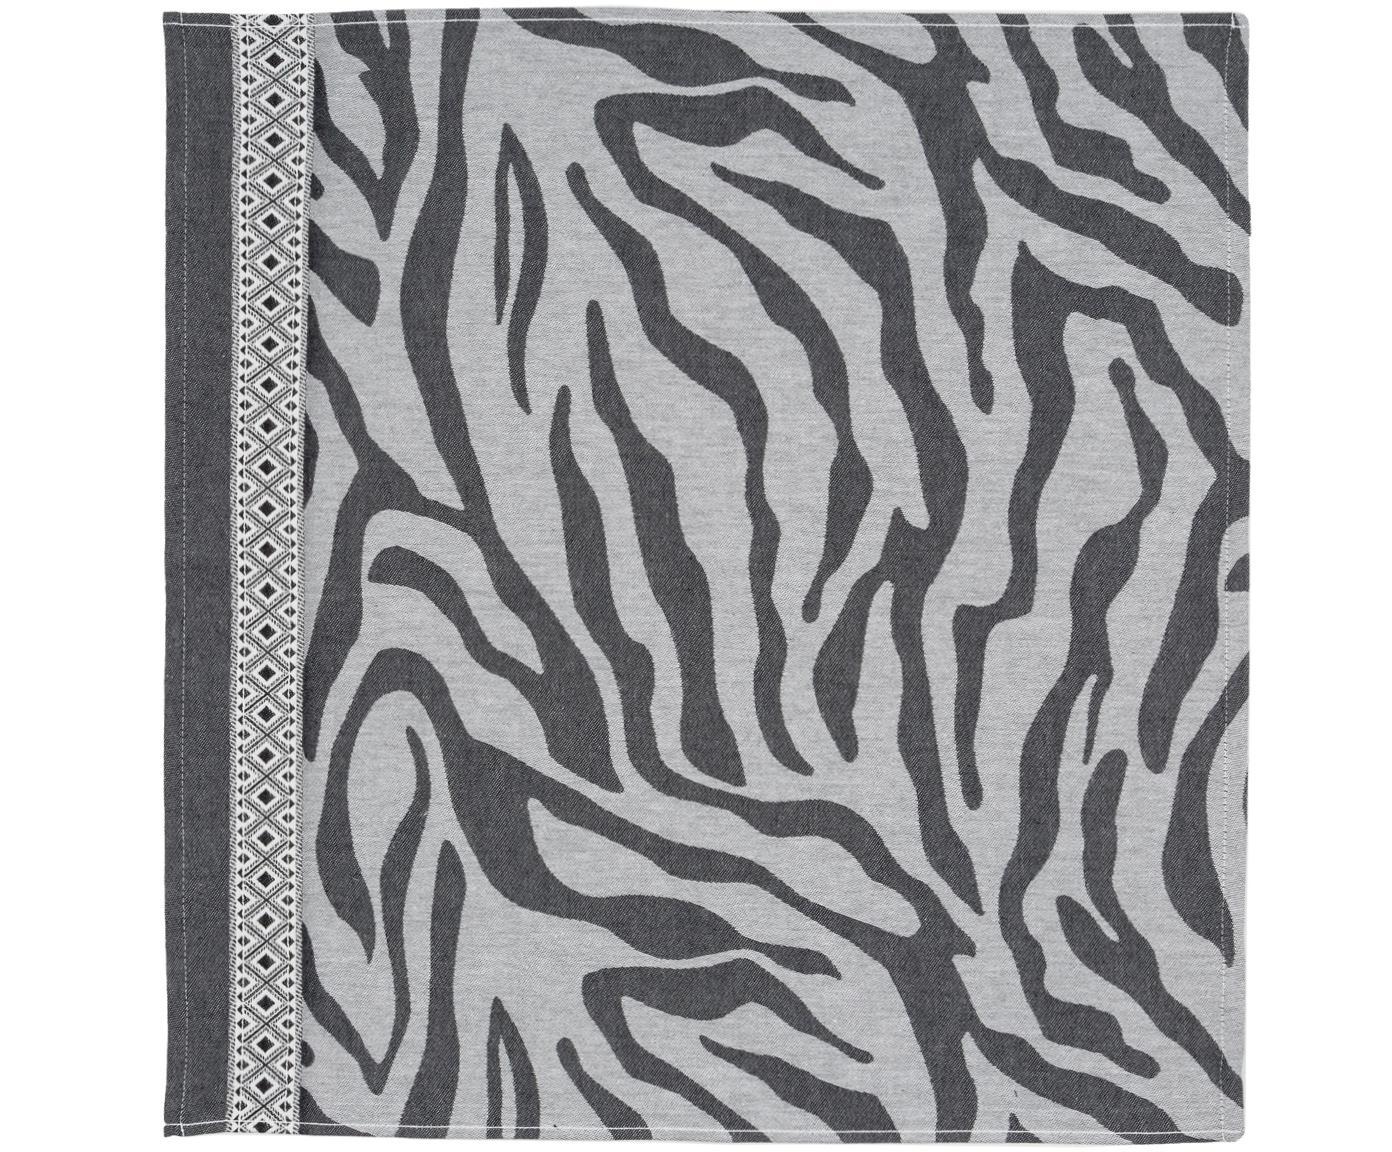 Geschirrtücher Africa mit Zebramuster, 6 Stück, Baumwolle, Schwarz, Weiß, 60 x 65 cm